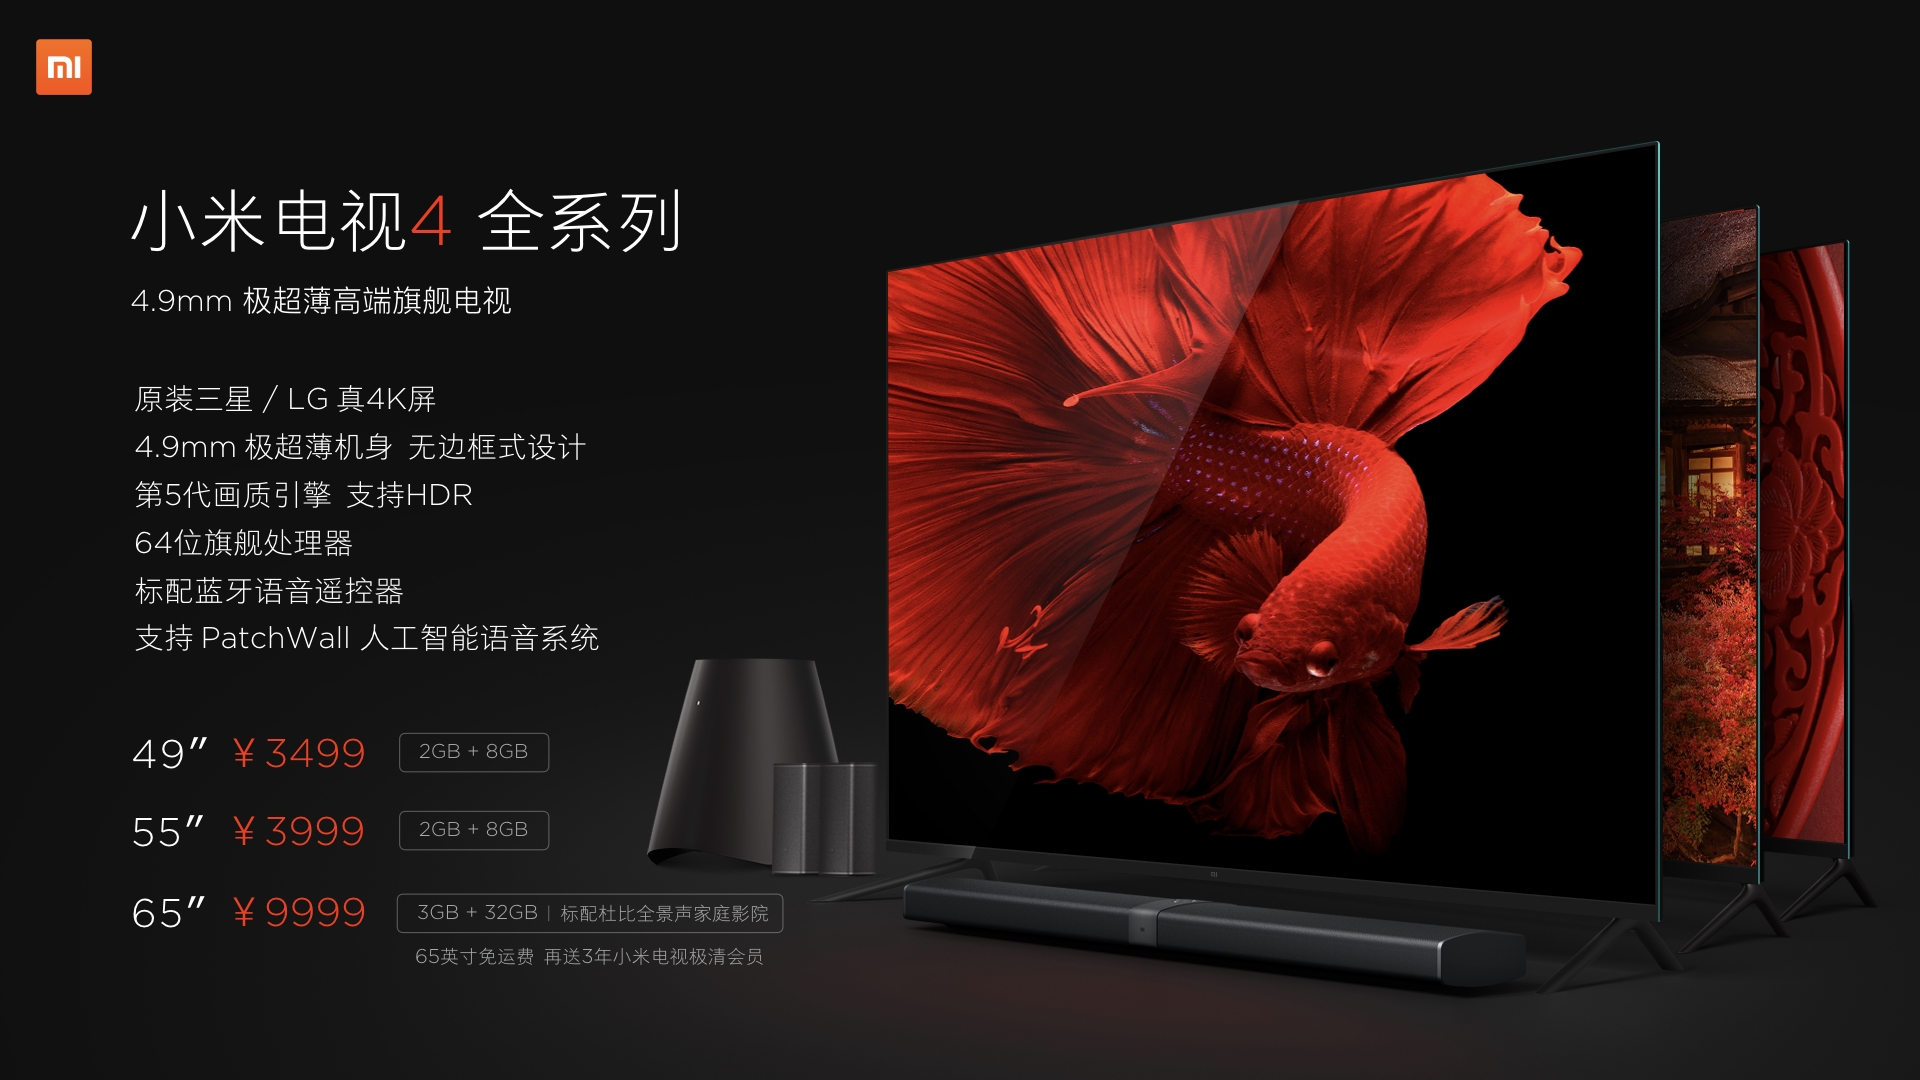 小米电视4杜比影院版65英寸首发:13扬声器/ 9999元的照片